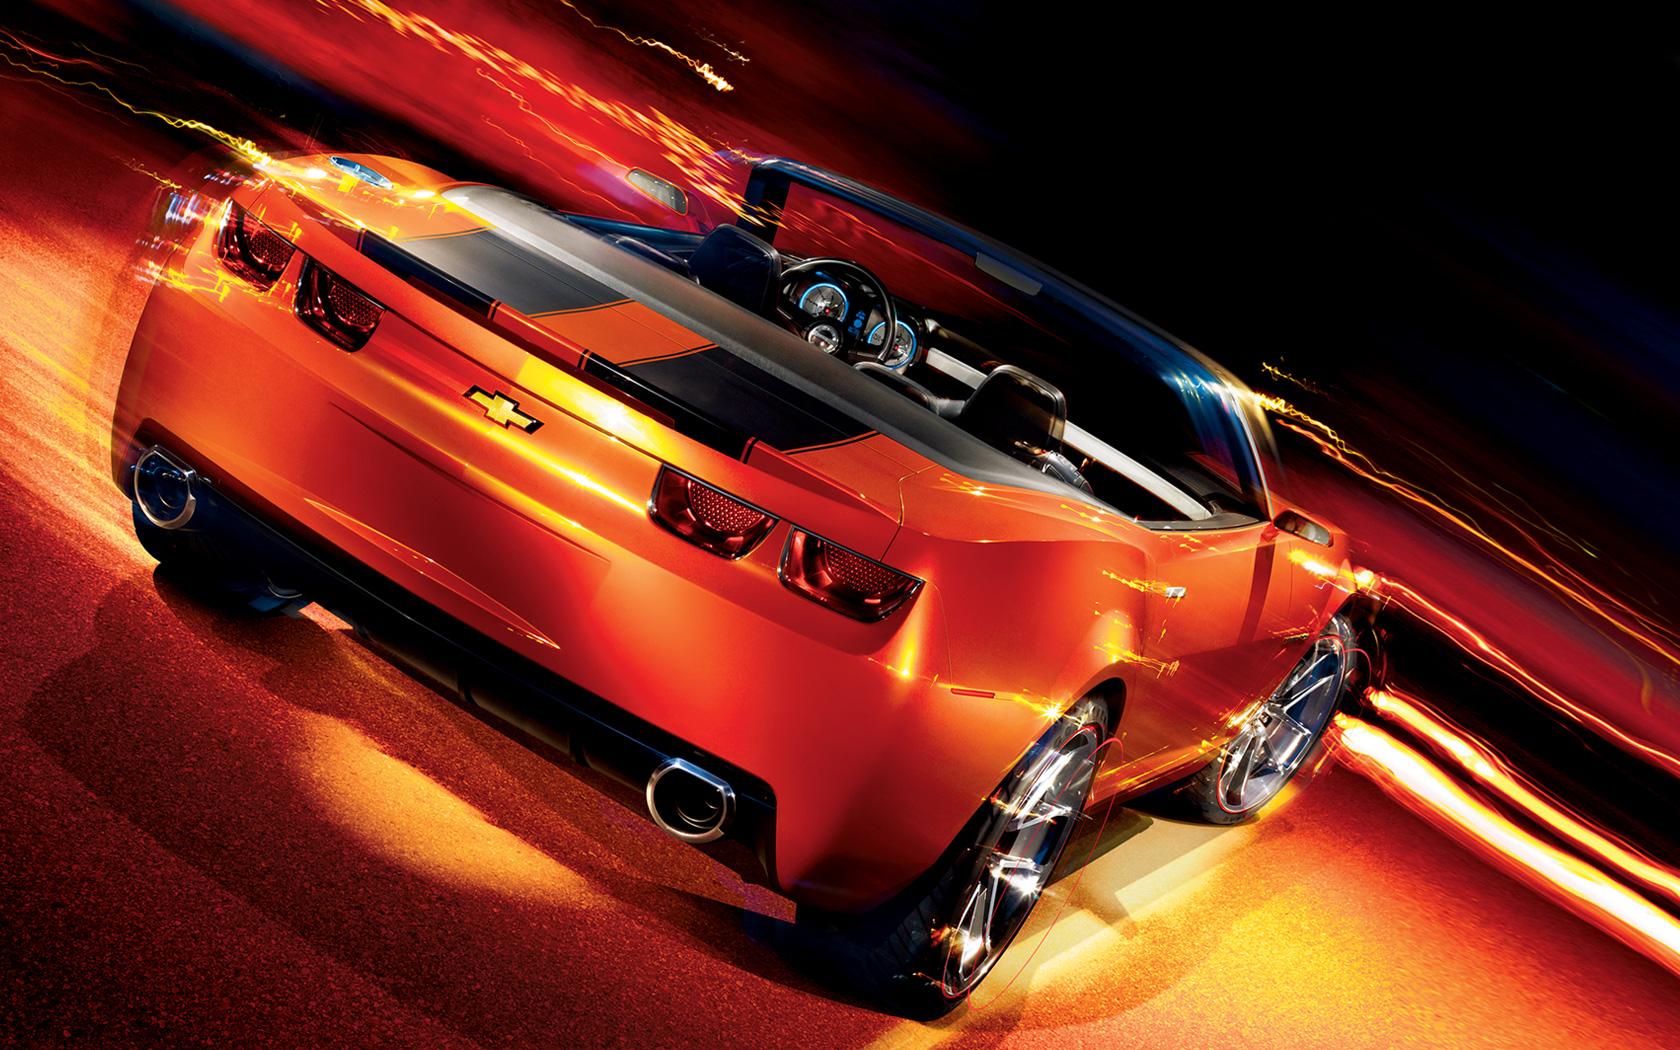 Fahrzeuge - Chevrolet Camaro  - Audi Hintergrundbild